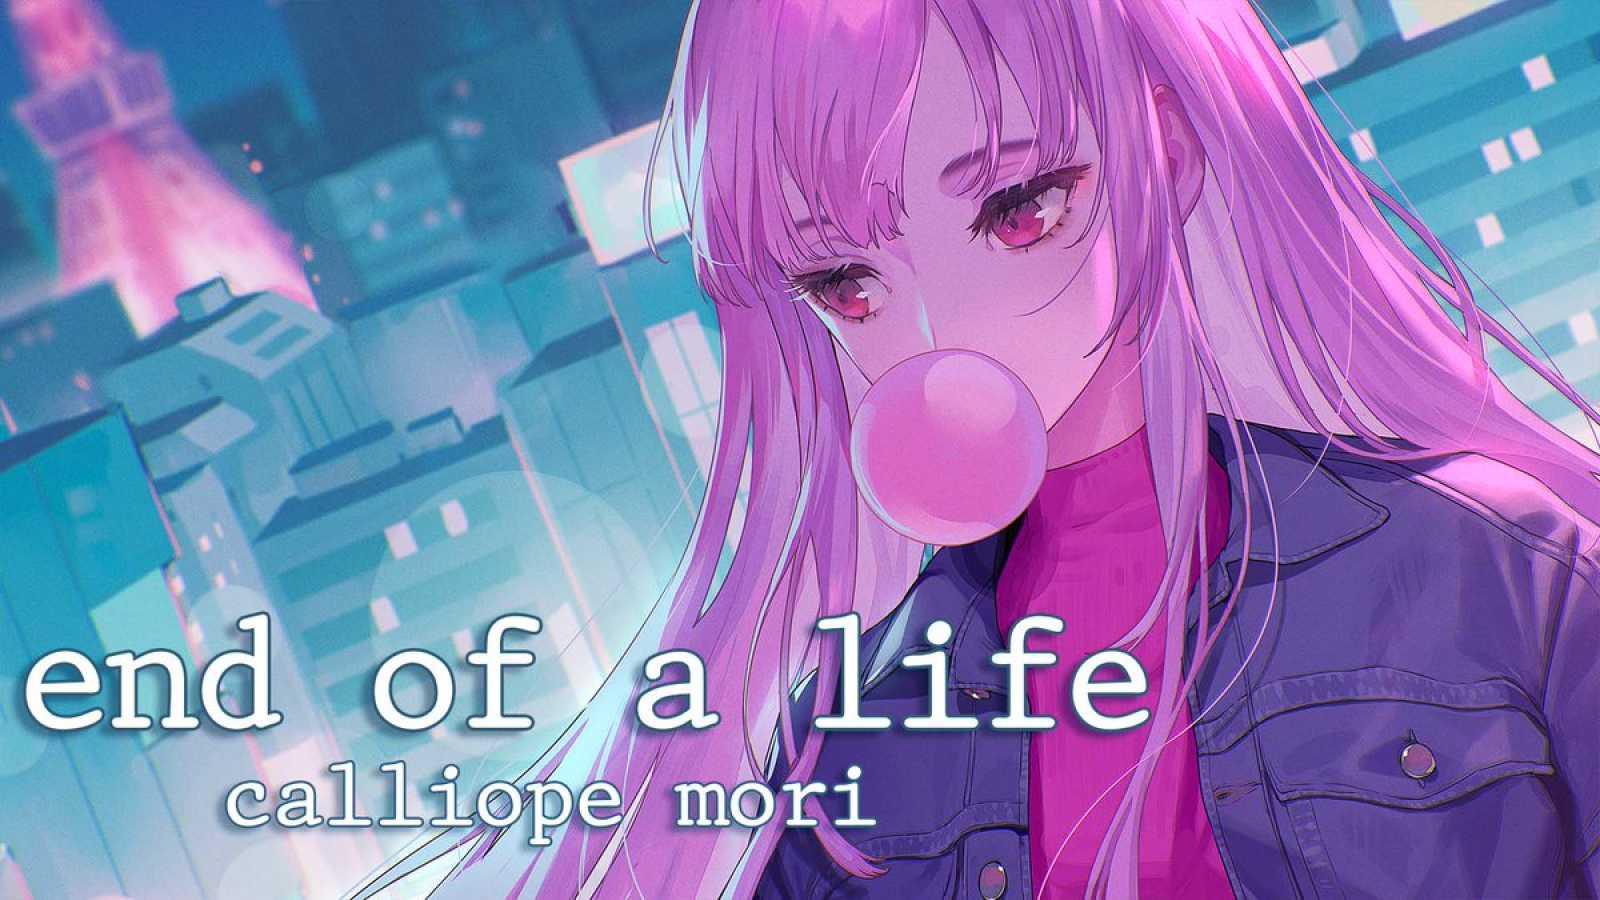 New Digital Single from Mori Calliope © Mori Calliope. All rights reserved.